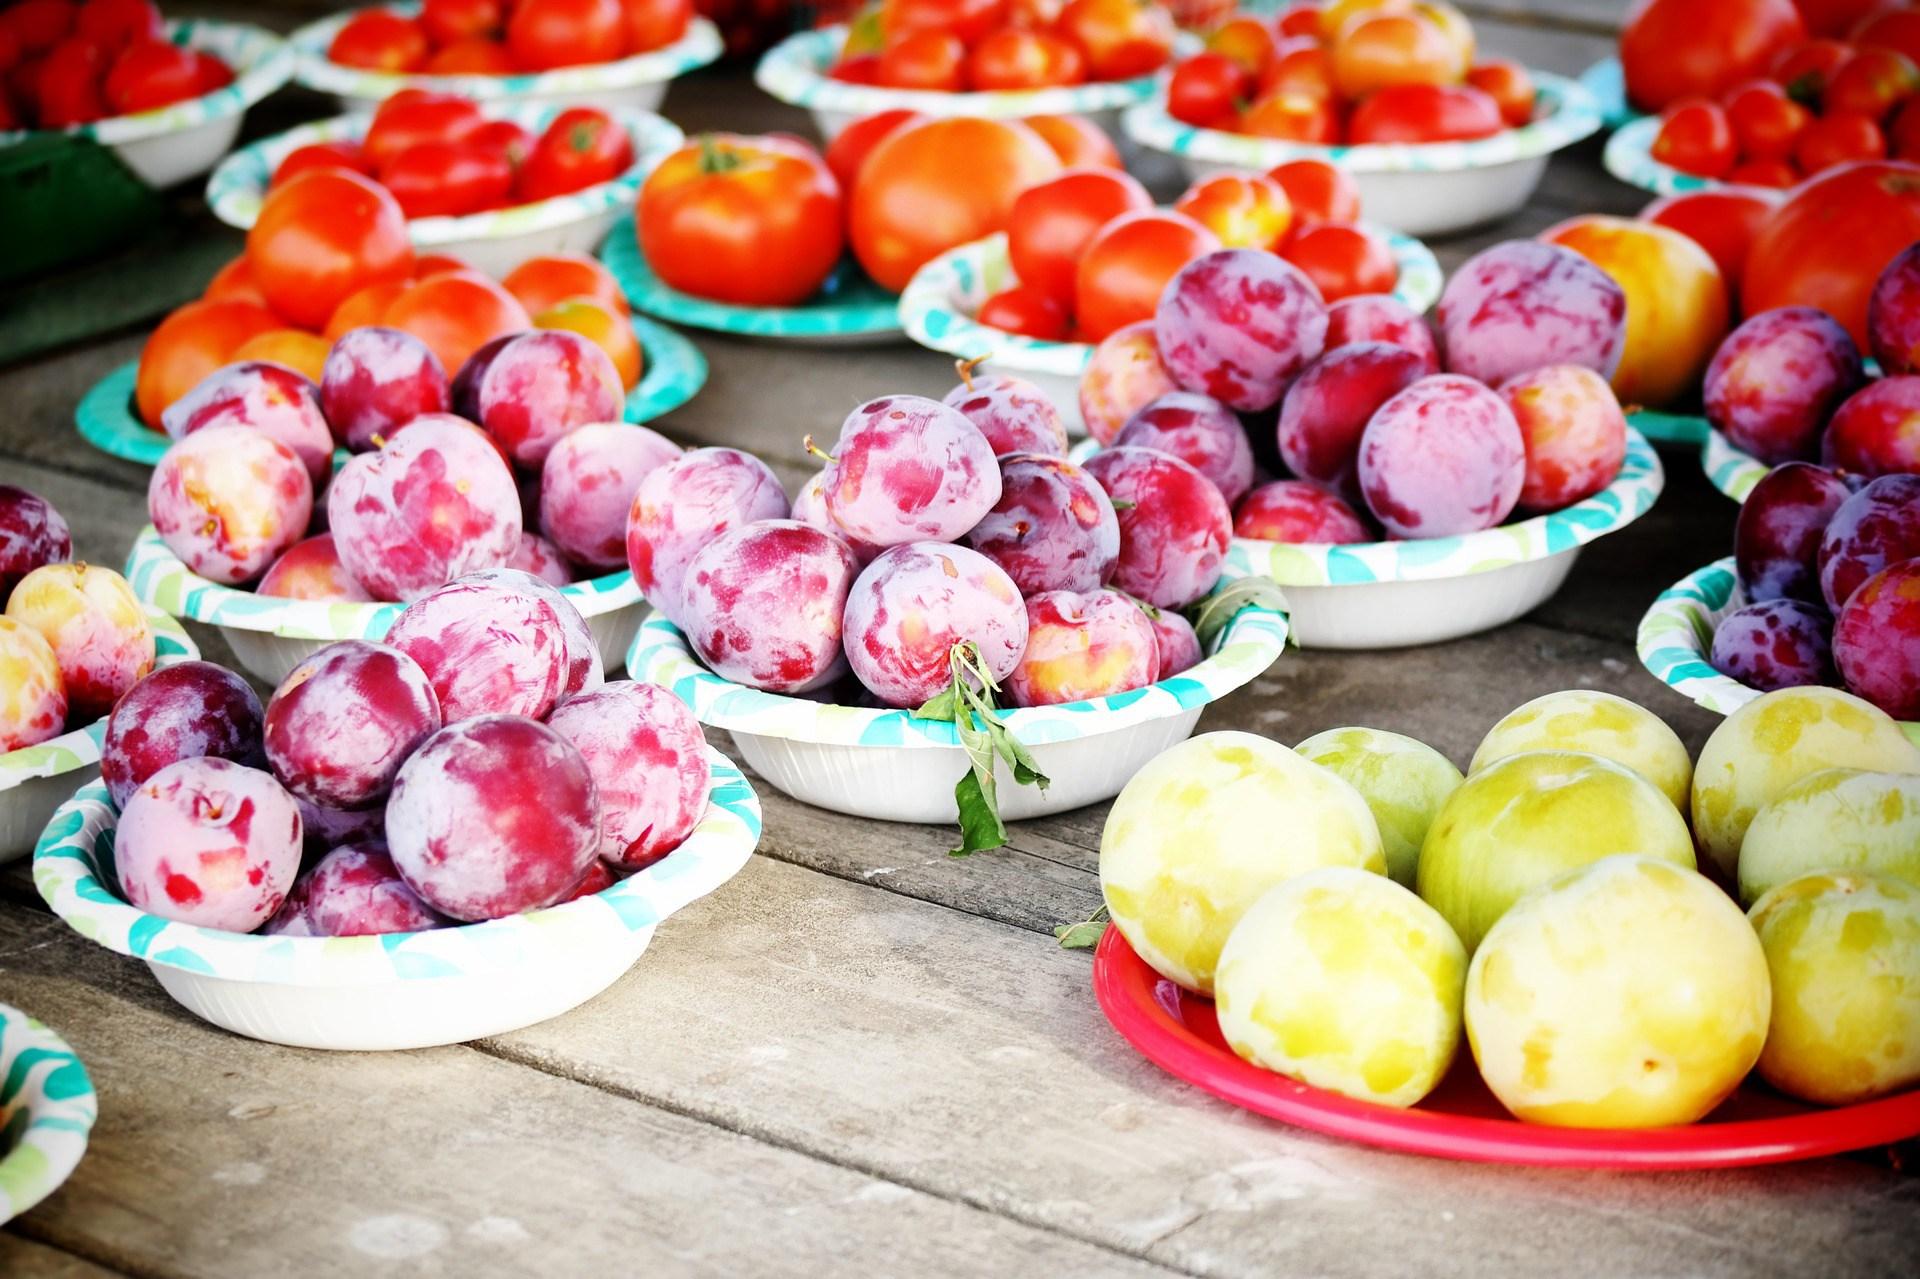 regioday_fruit-1145516_1920